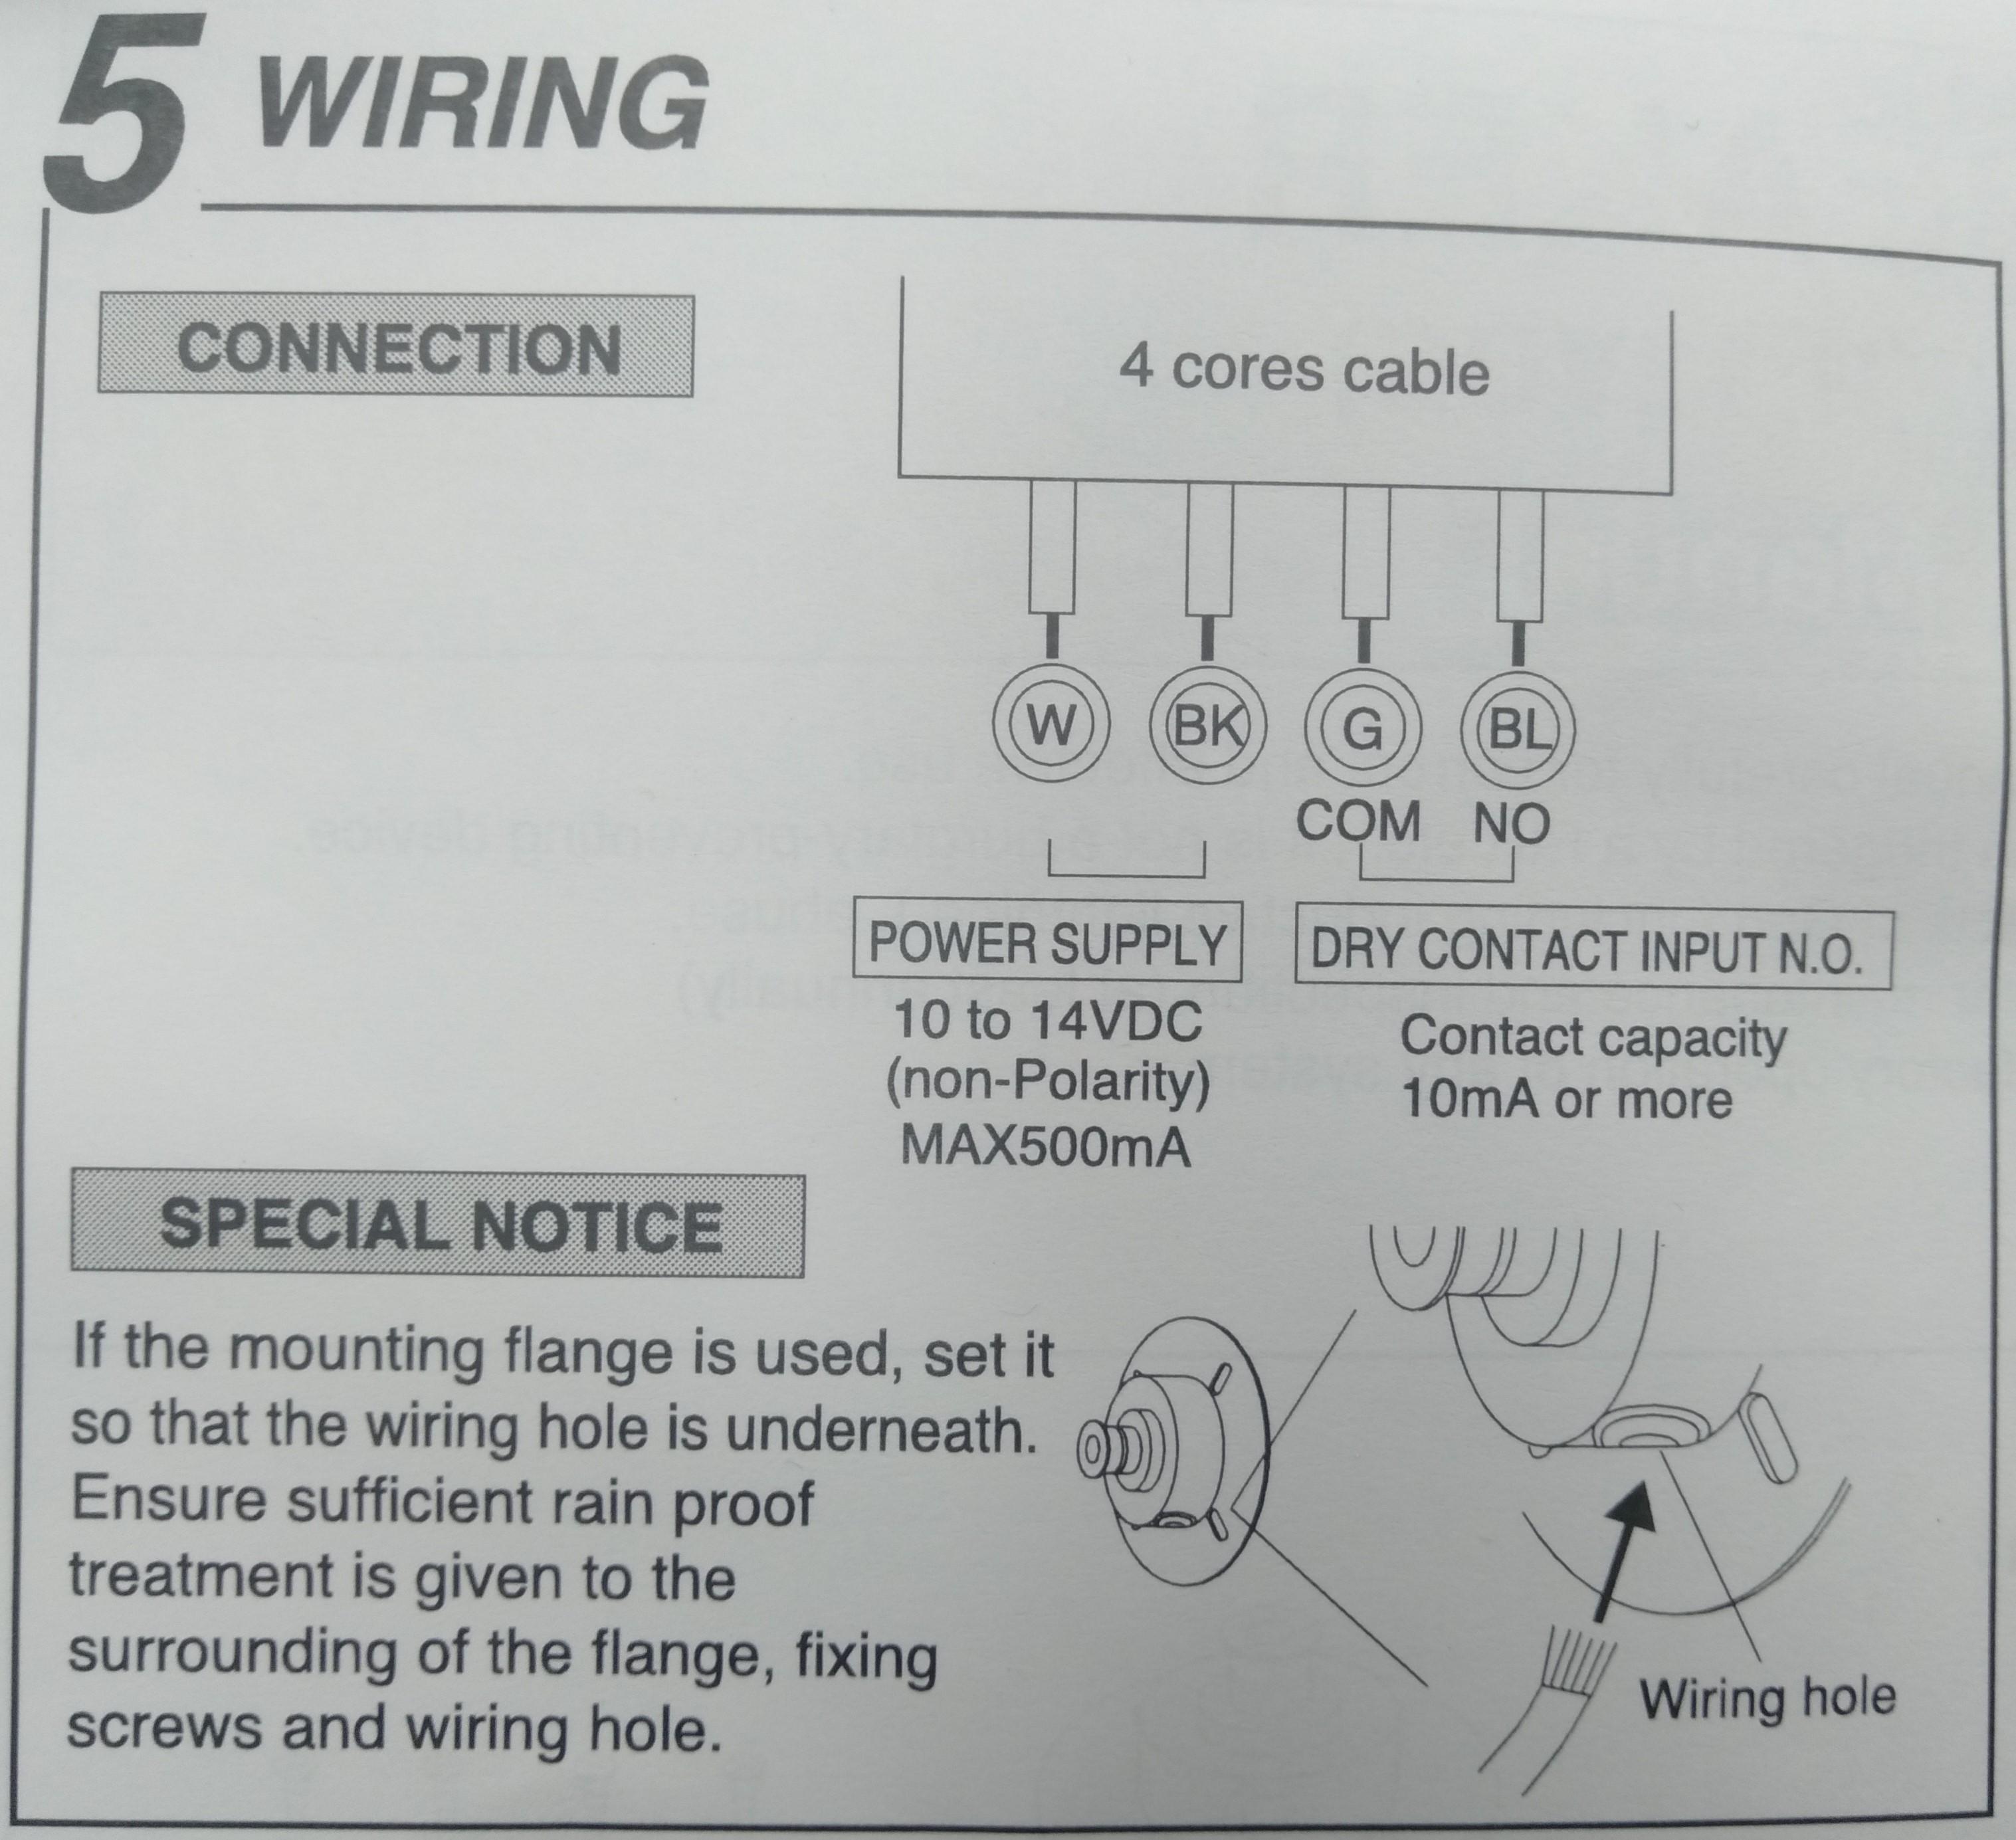 capacity wiring diagram - wiring diagrams  www.karox.fr